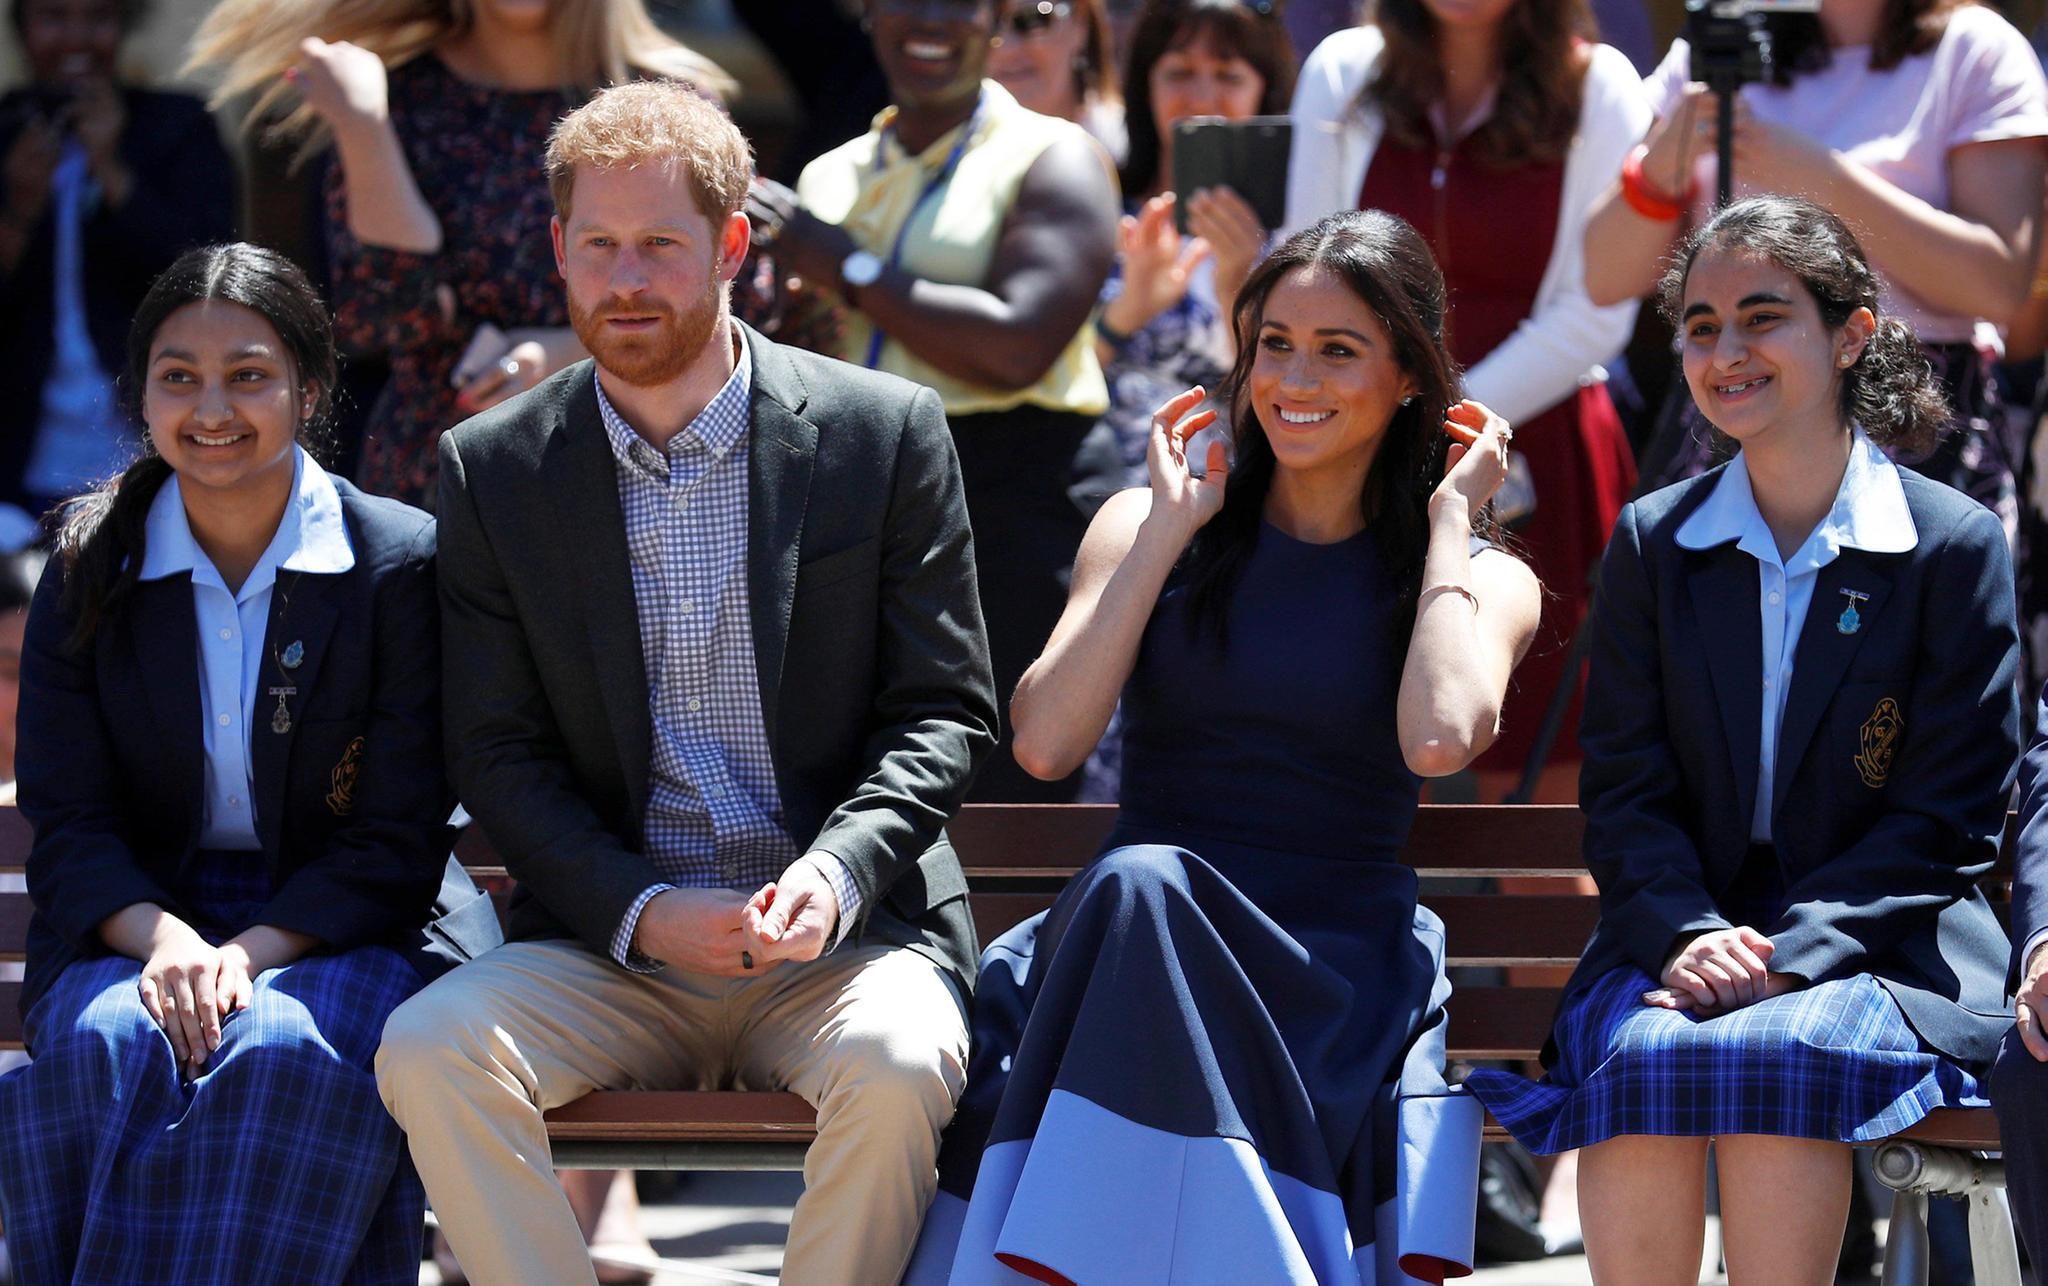 Prinz Harry und Herzogin Meghan beim Besuch der Macarthur Girls High School